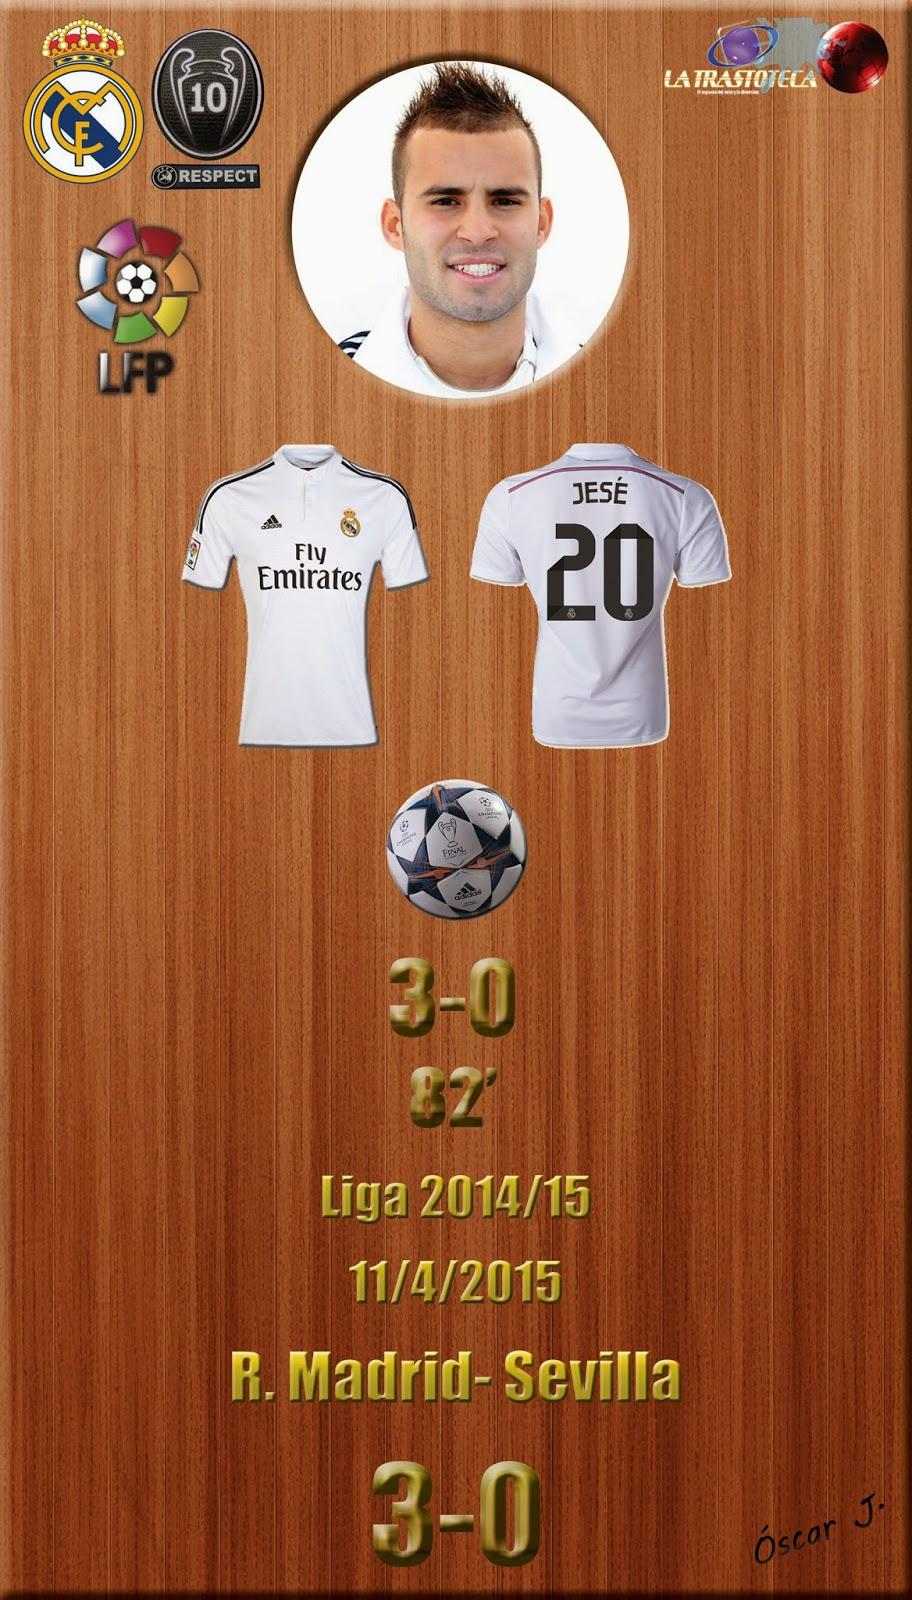 Jese (3-0) - Real Madrid 3-0 Eibar - Liga 2014/15 - Jornada 31 - (11/4/2015)